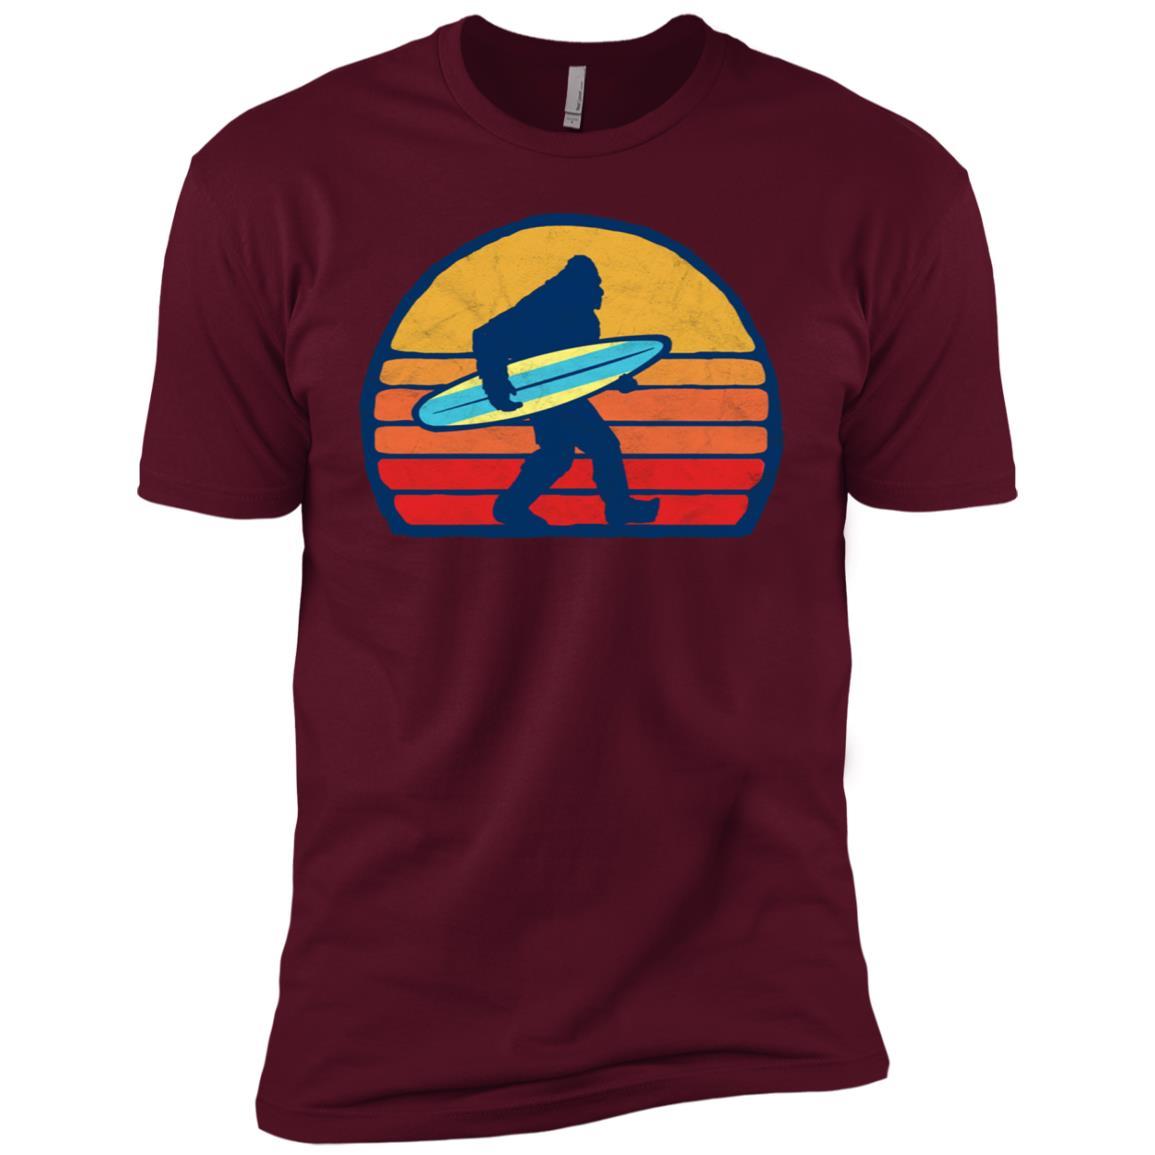 Bigfoot Silhouette & Surfboard Squatch Surf Tee-4 Men Short Sleeve T-Shirt